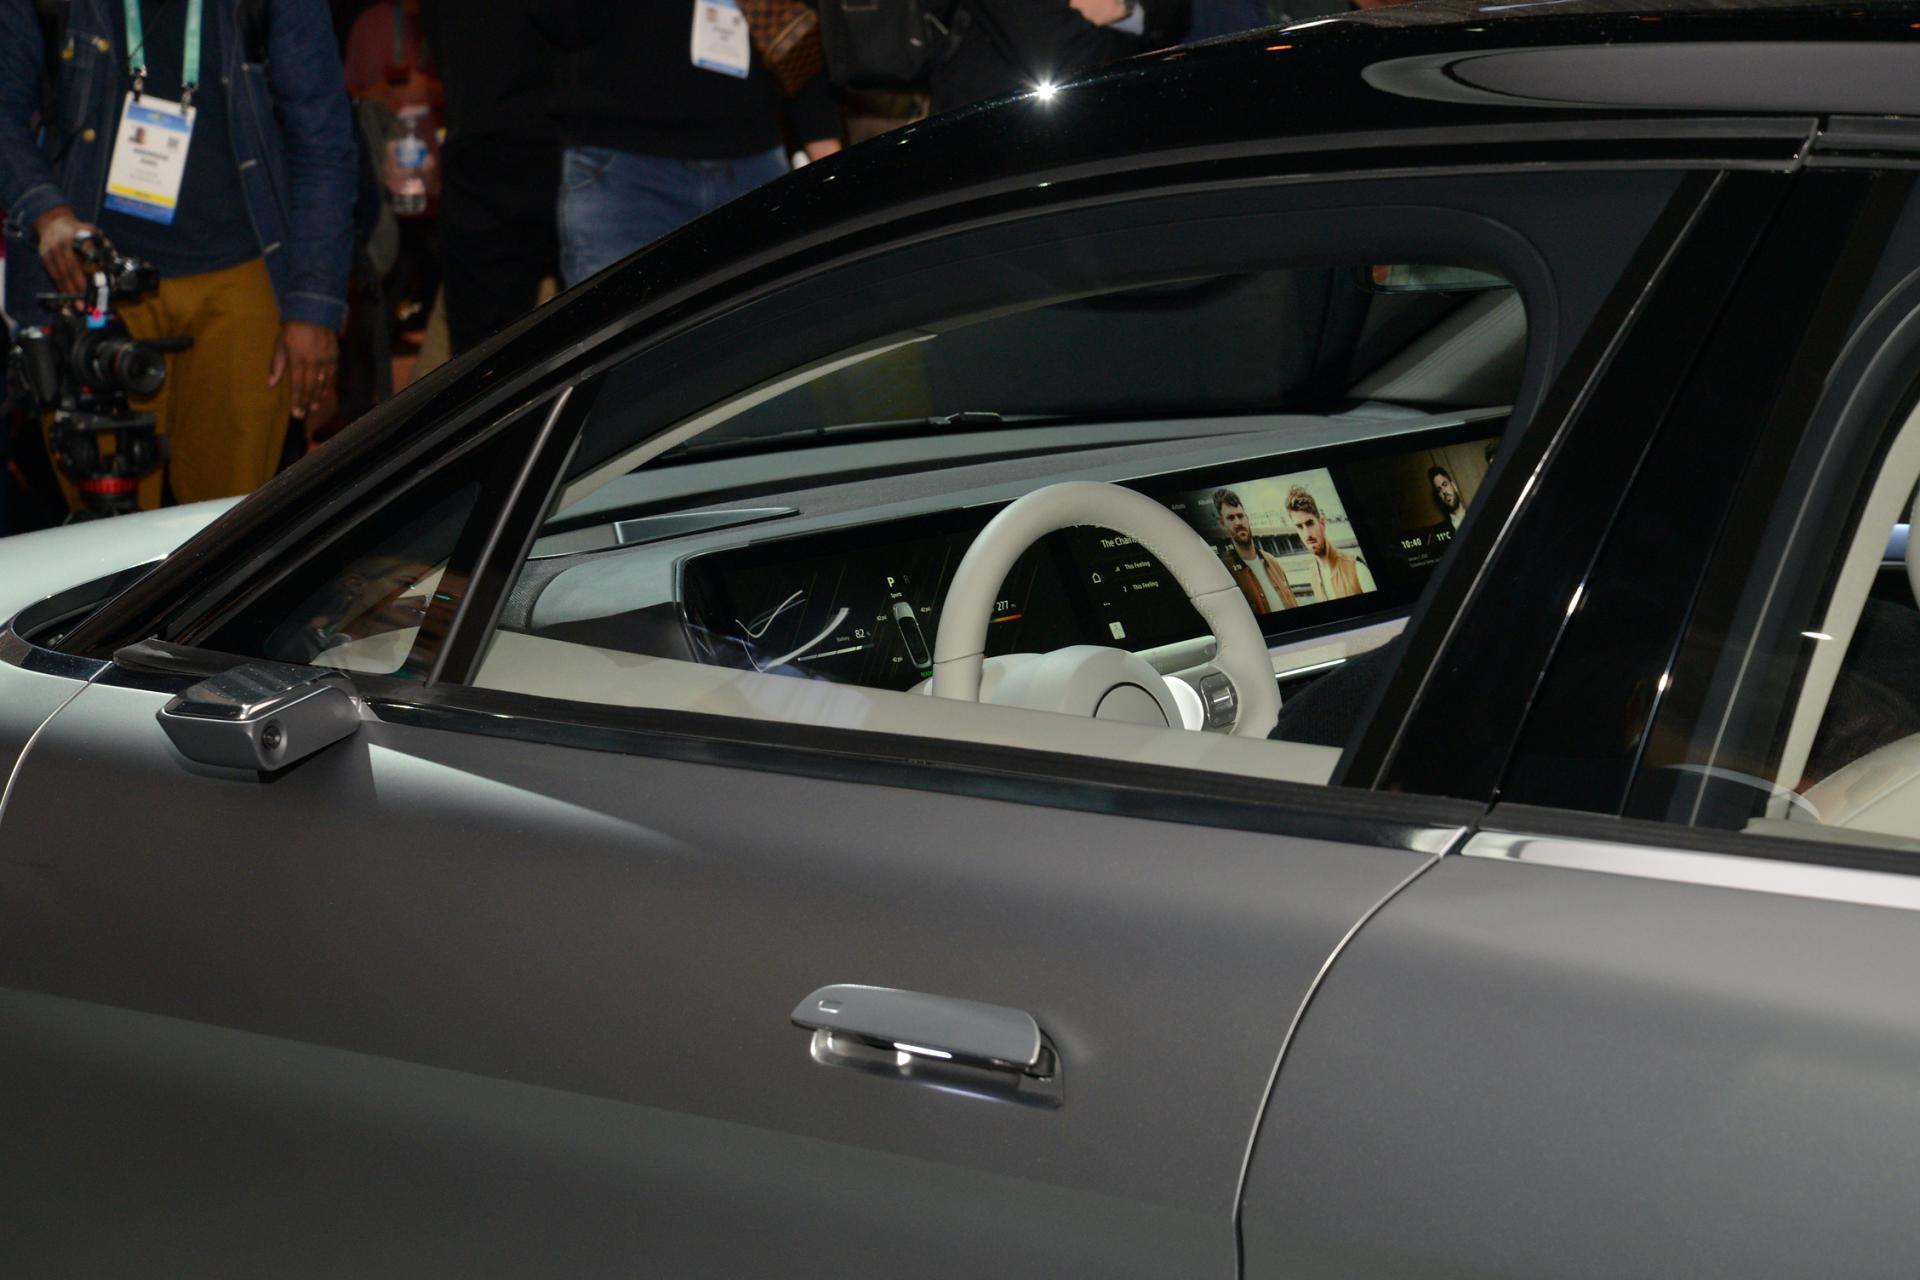 Sony bất ngờ ra mắt mẫu xe điện Vision-S tại CES 2020 - 18